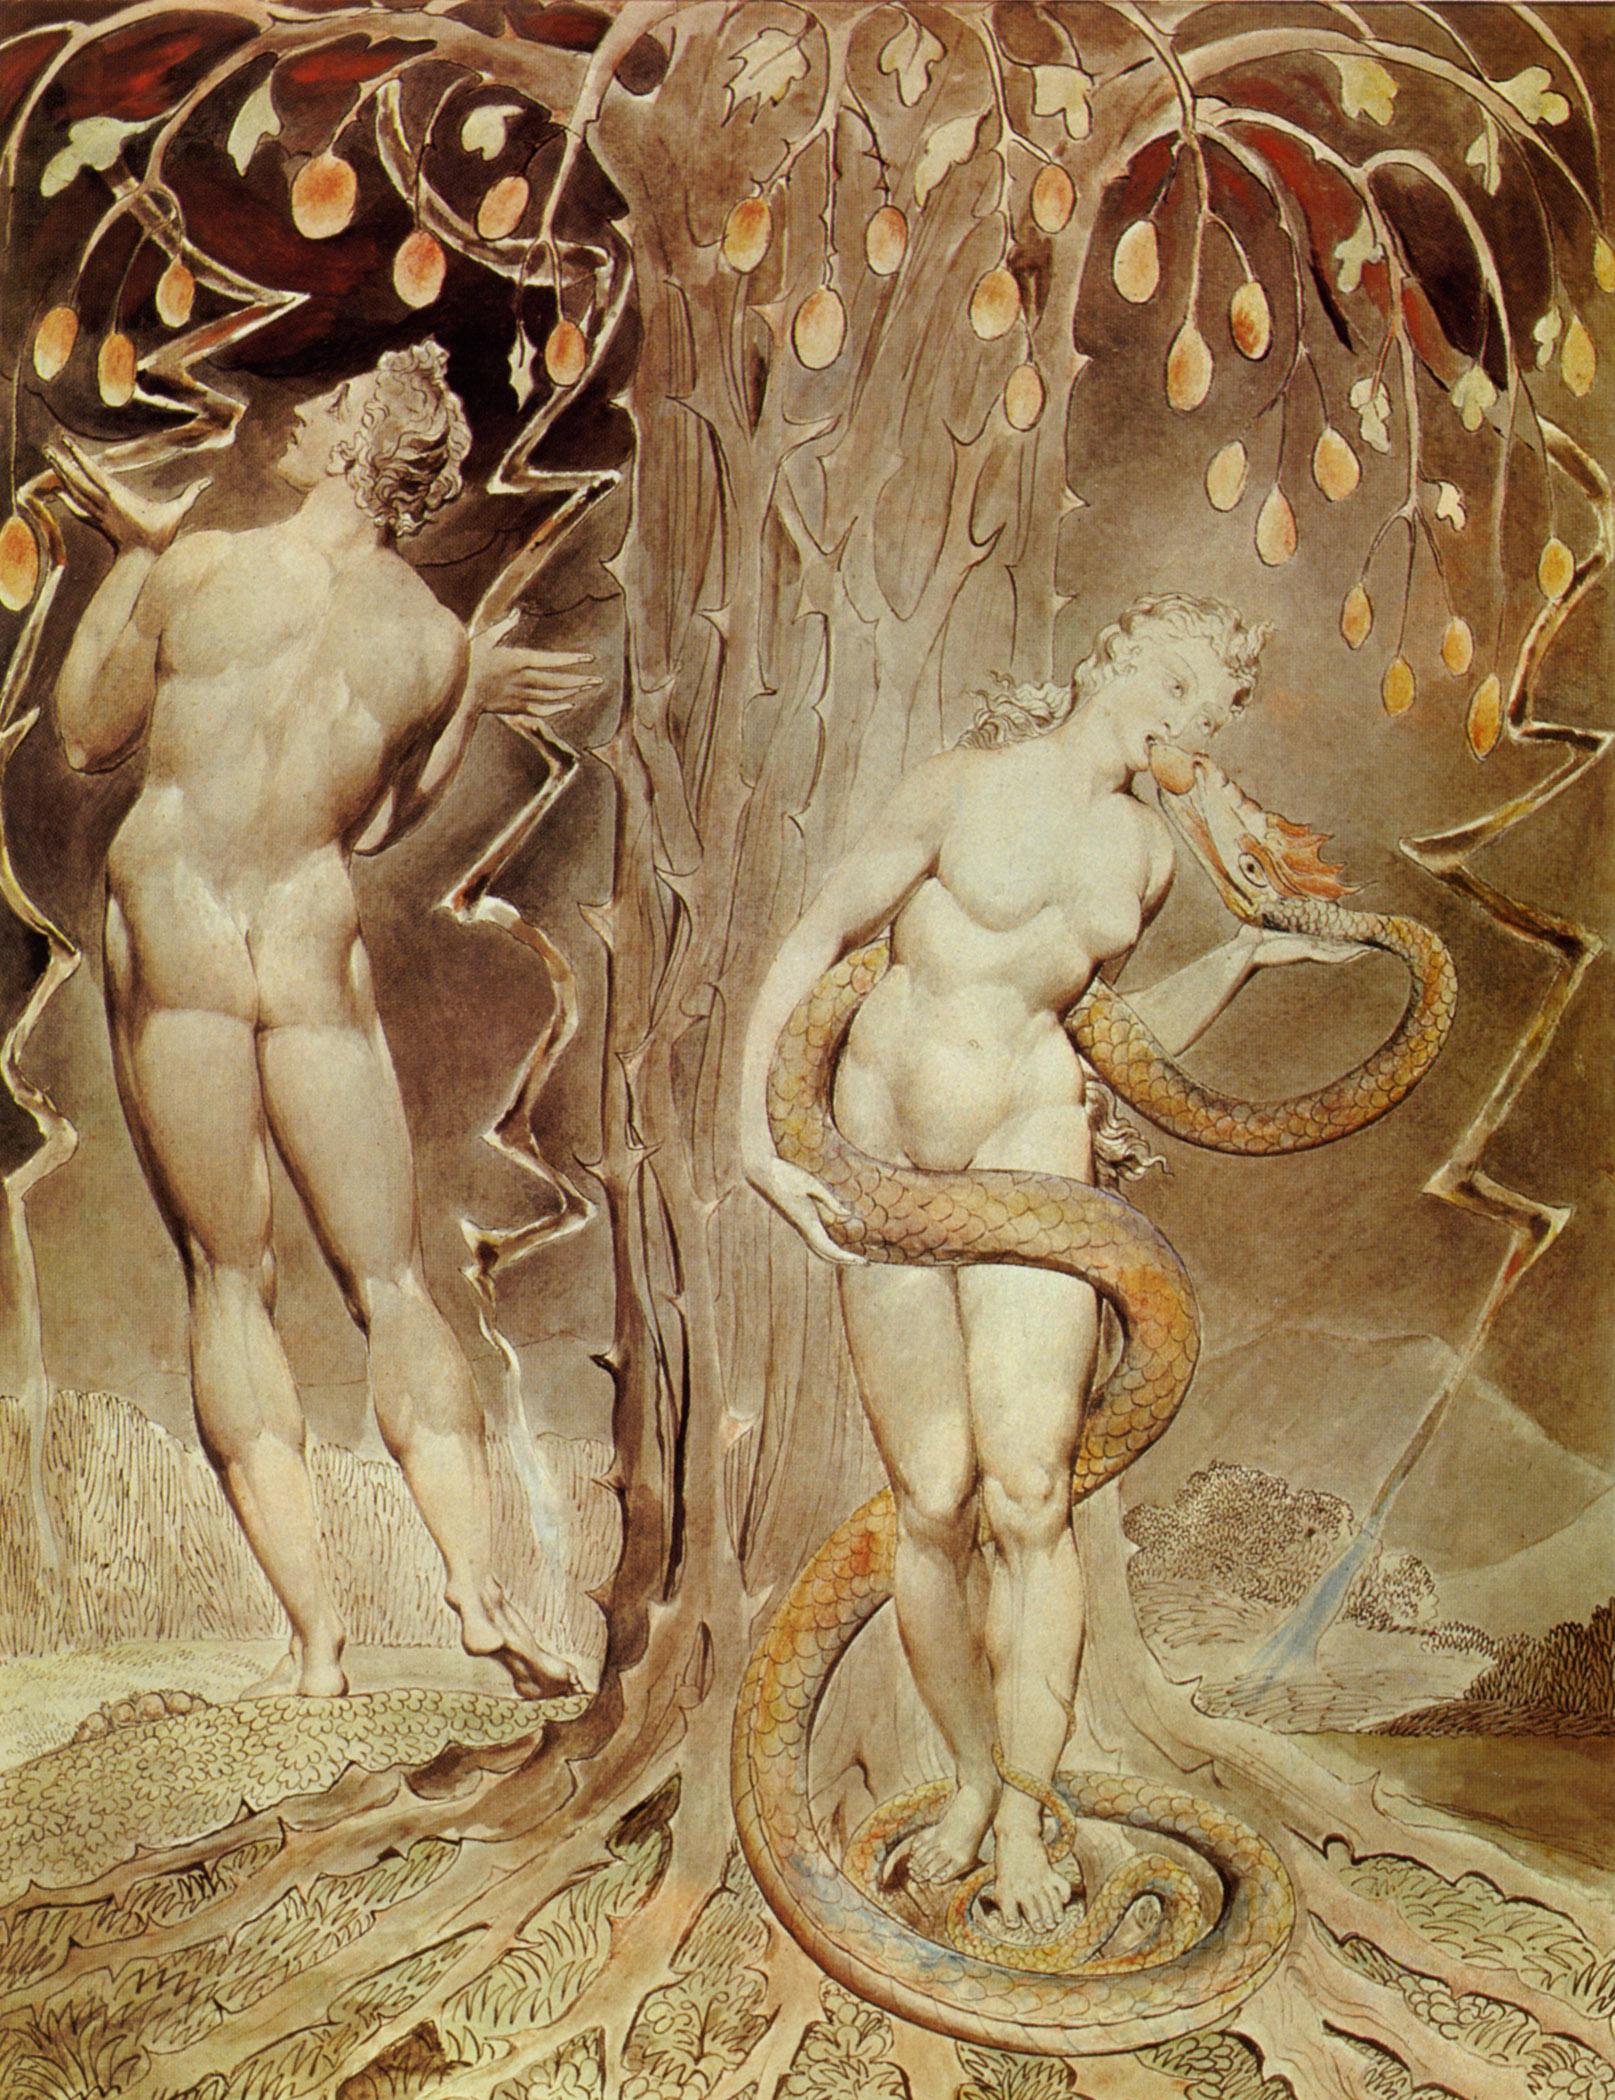 Искушение и грехопадение. Уильям Блейк, 1808